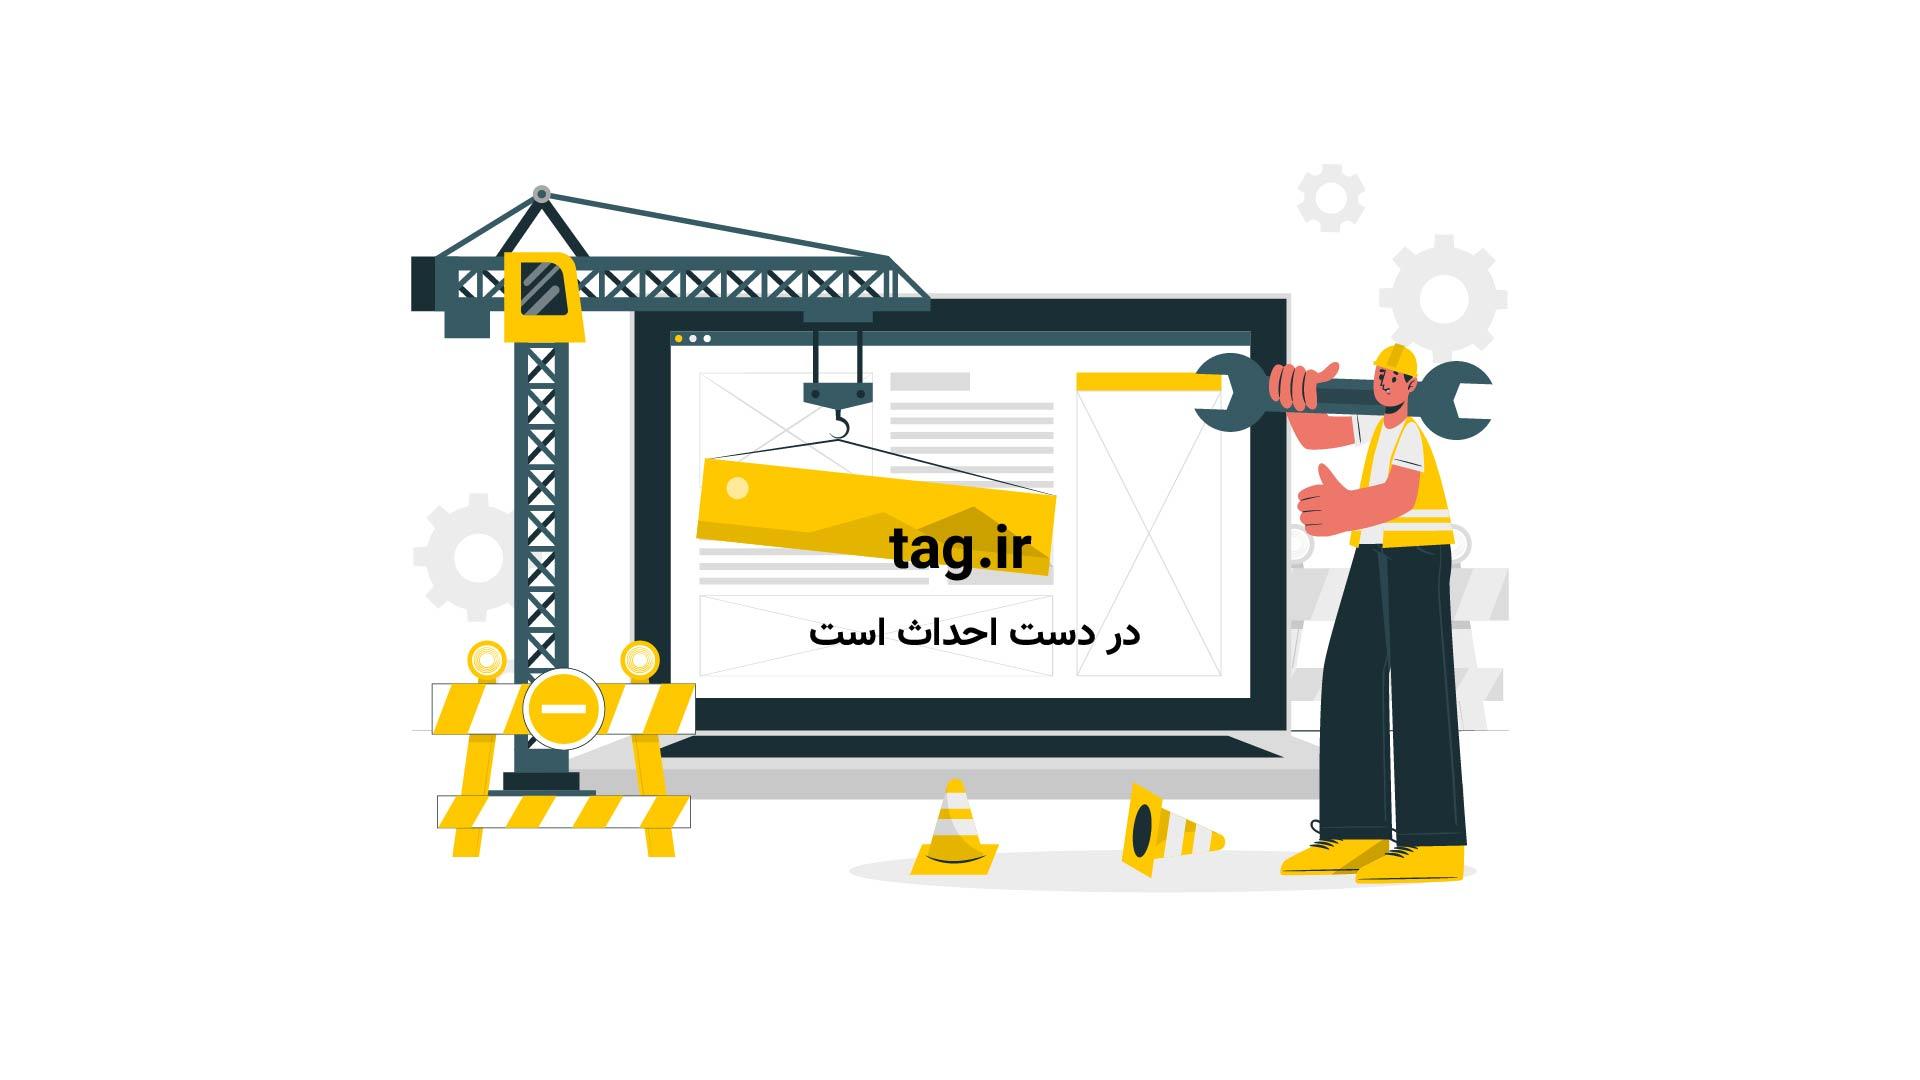 نبرد شیر در برابر شیر؛جنگ برای تصاحب گله|تگ